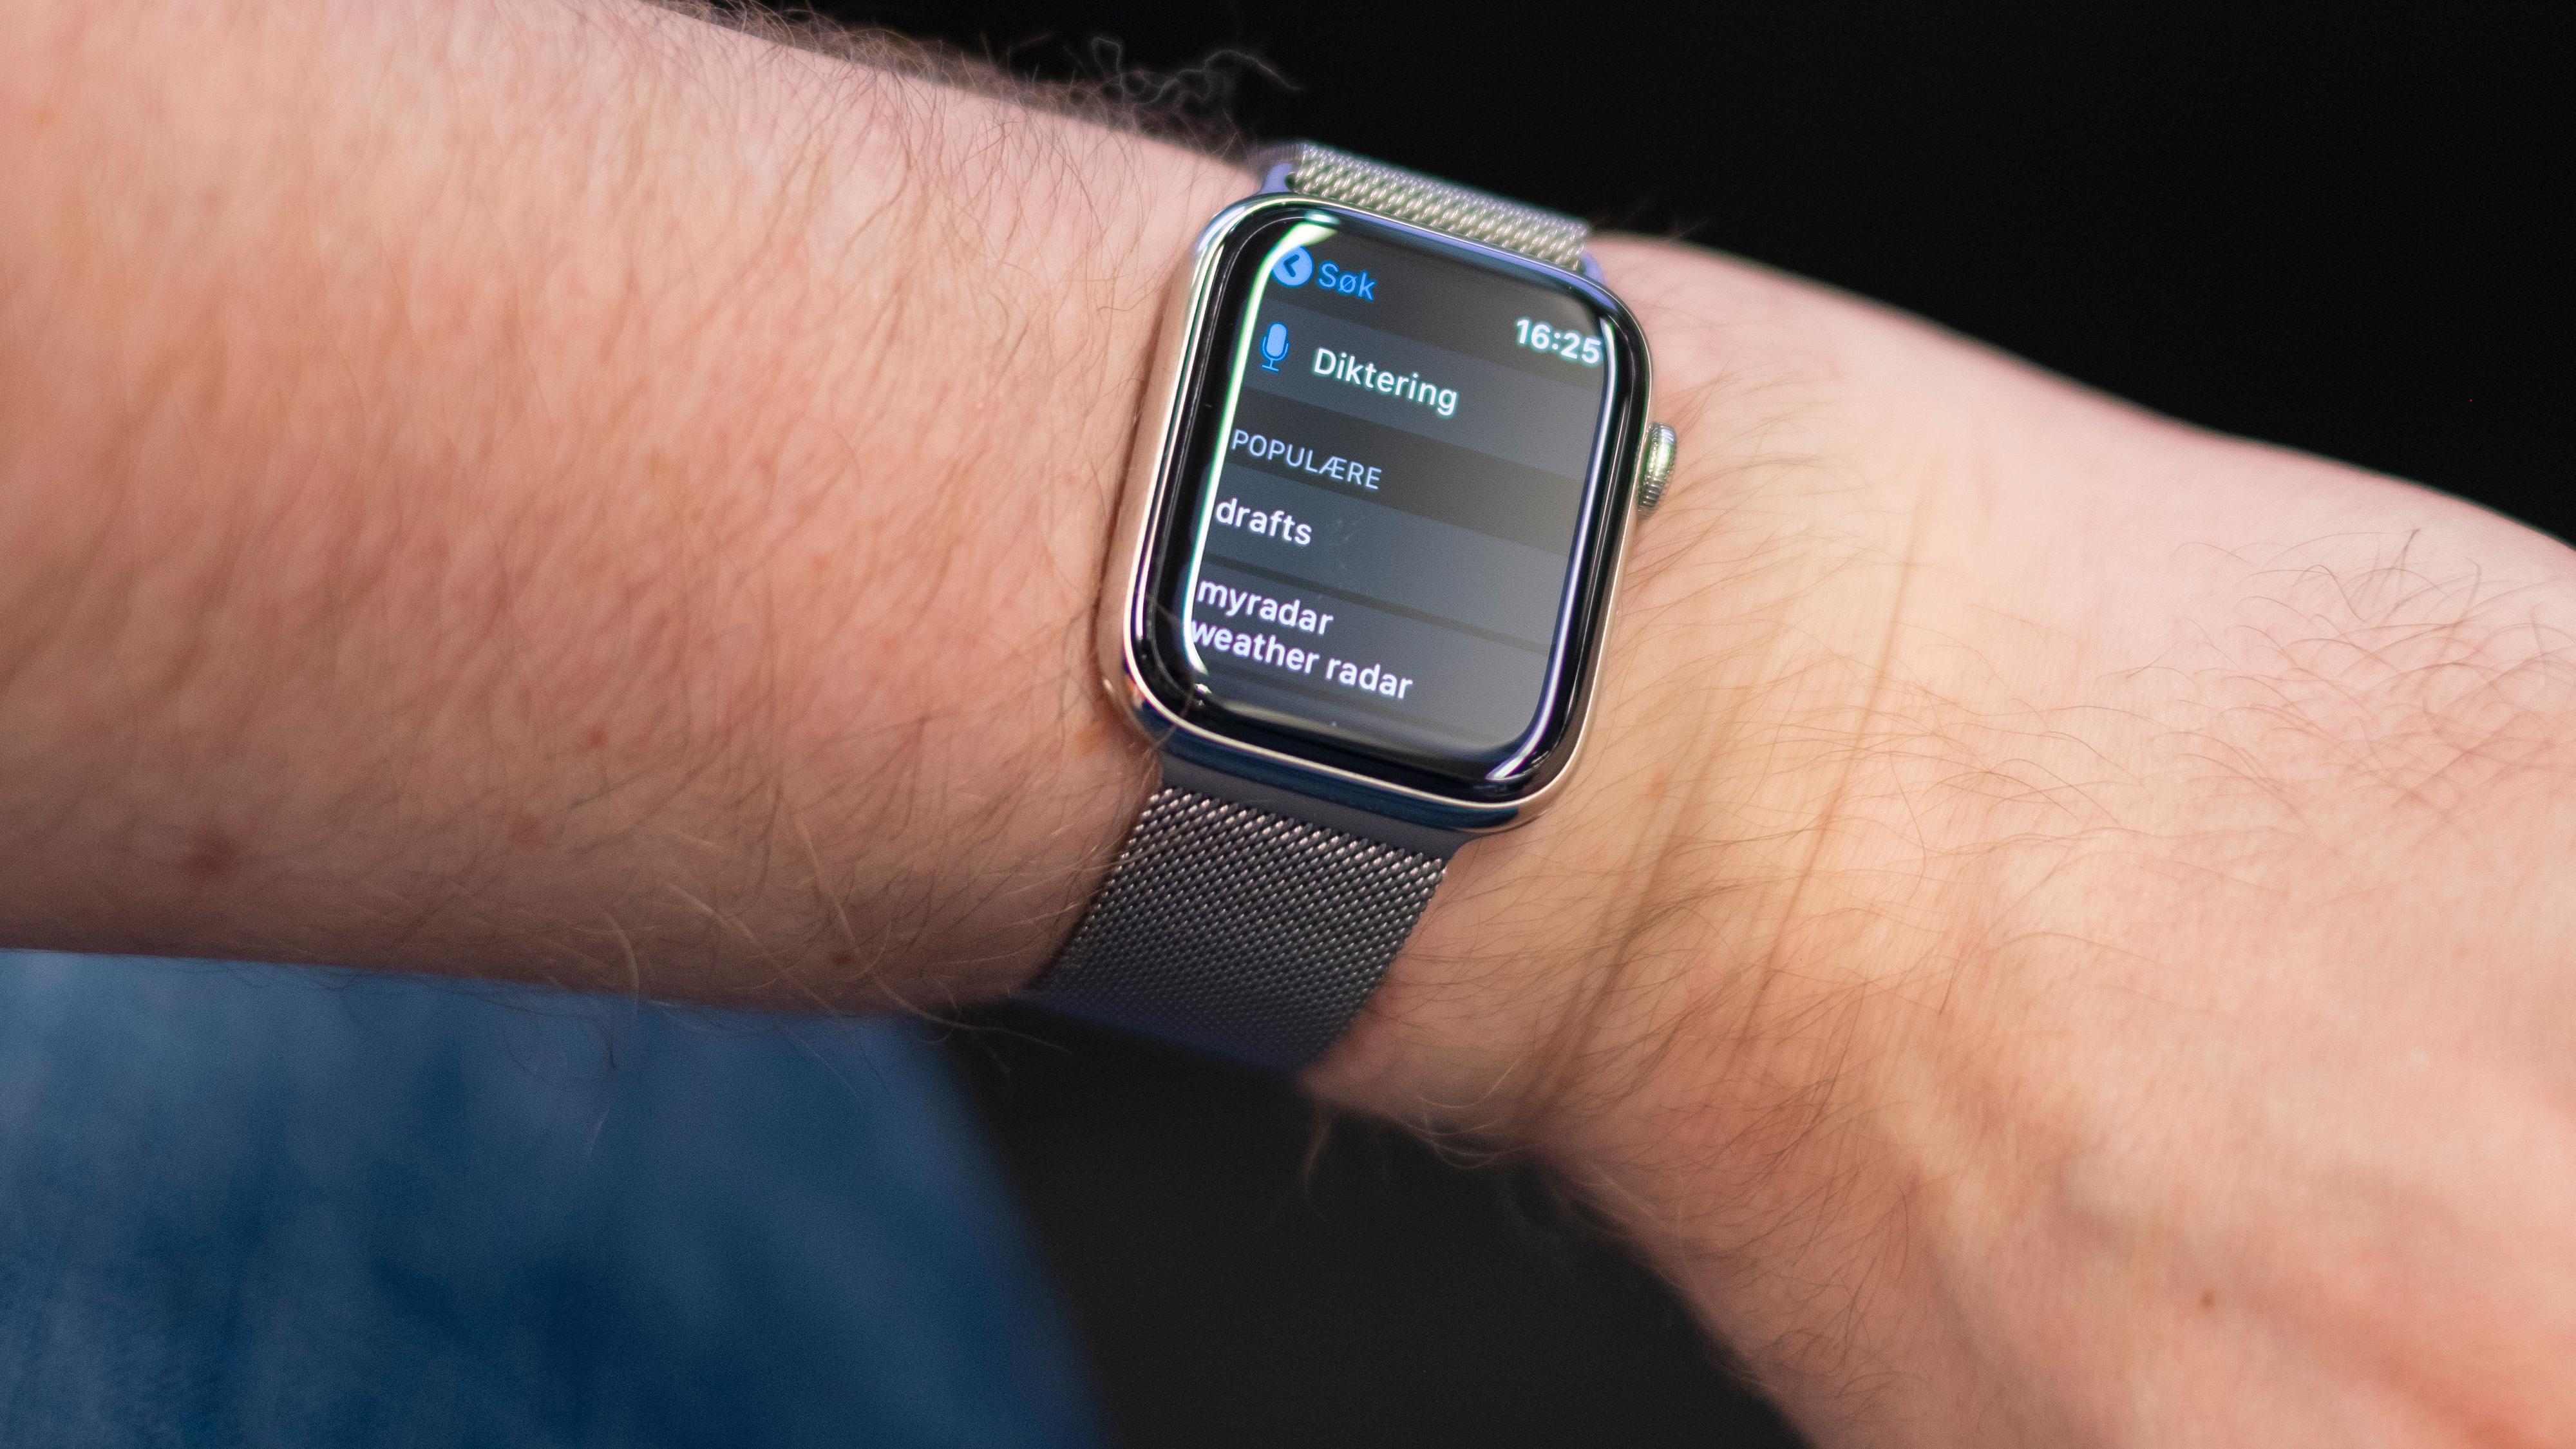 App store har kommet til Apple Watch, men det er fortsatt litt igjen å gå på med tanke på brukervennlighet her. En bedre skriveløsning hadde gjort seg for flere av appene på klokka. Hva med gode gamle T9 og nummertastatur? Alt er bedre enn å være nødt til å diktere eller sveipe én og én bokstav på skjermen.